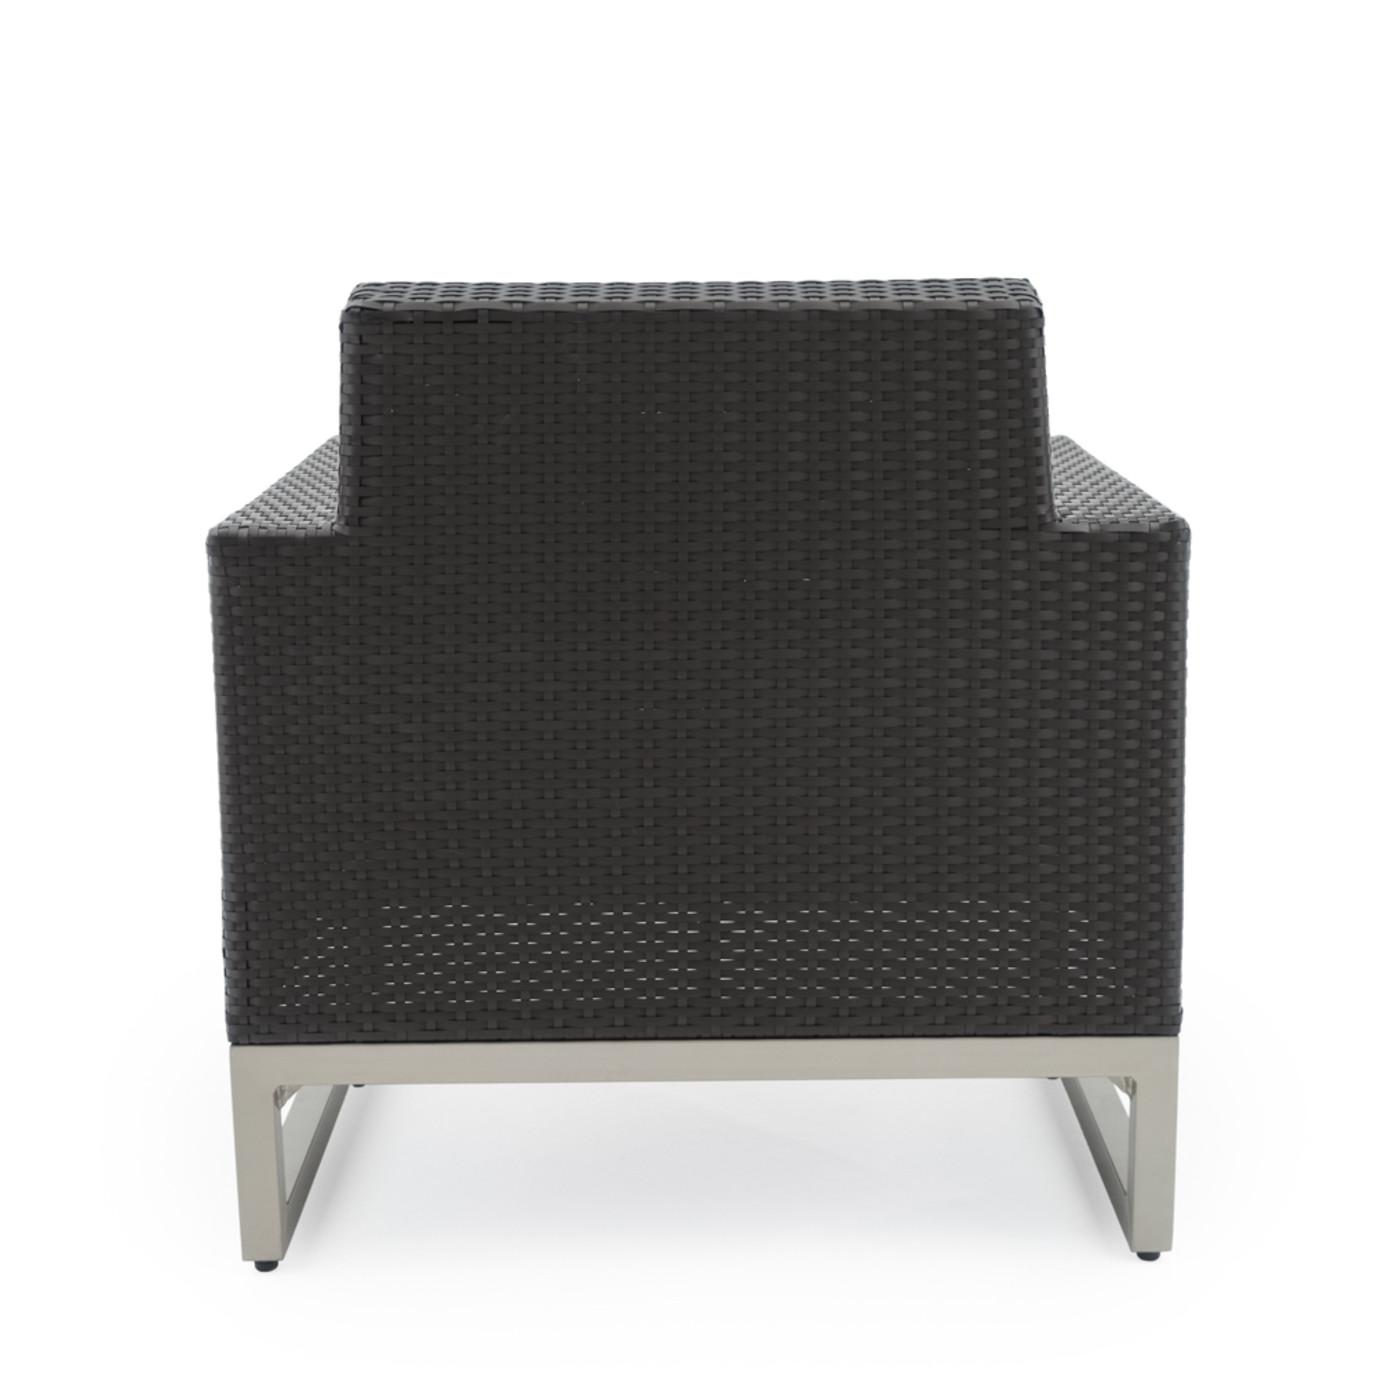 Milo™ Espresso Club Chairs - Moroccan Cream